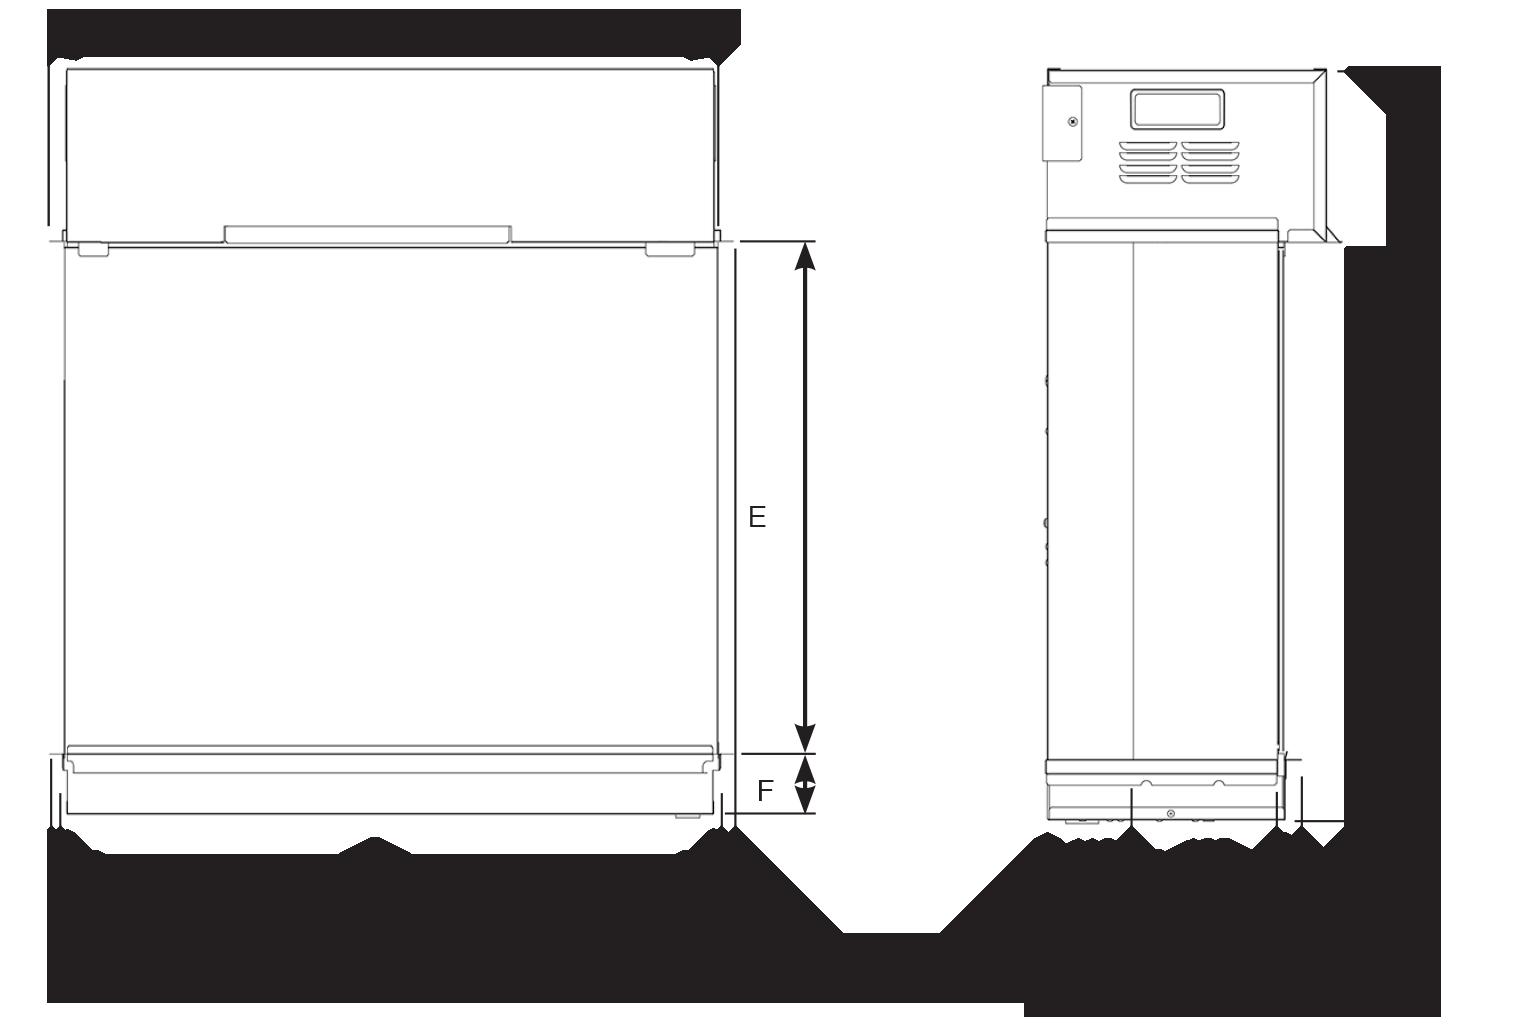 eReflex 55W (formerly Skope) Dimensions